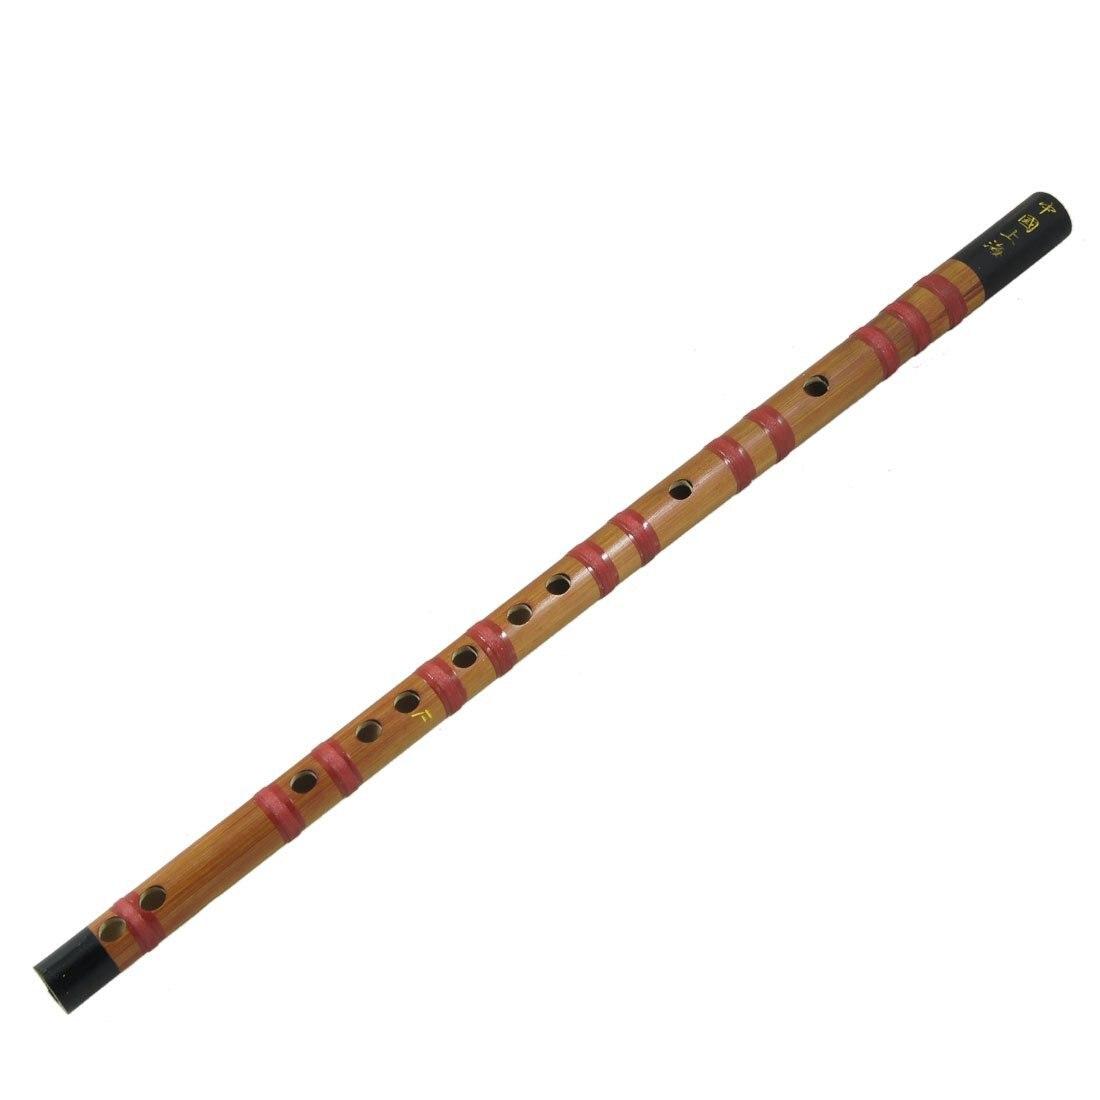 8Pcs 18.5 Long Music Instrument Soprano F Chinese Dizi Bamboo Flute